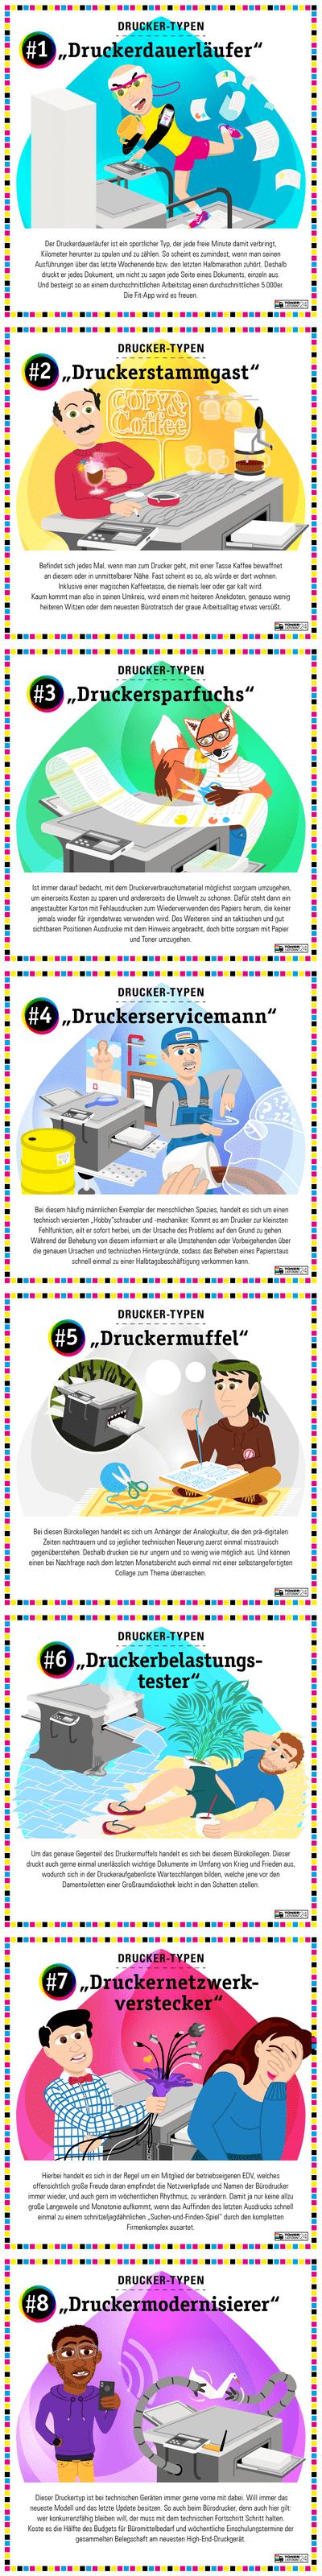 mitarbeitertypen-buero-infografik-drucker-charakter